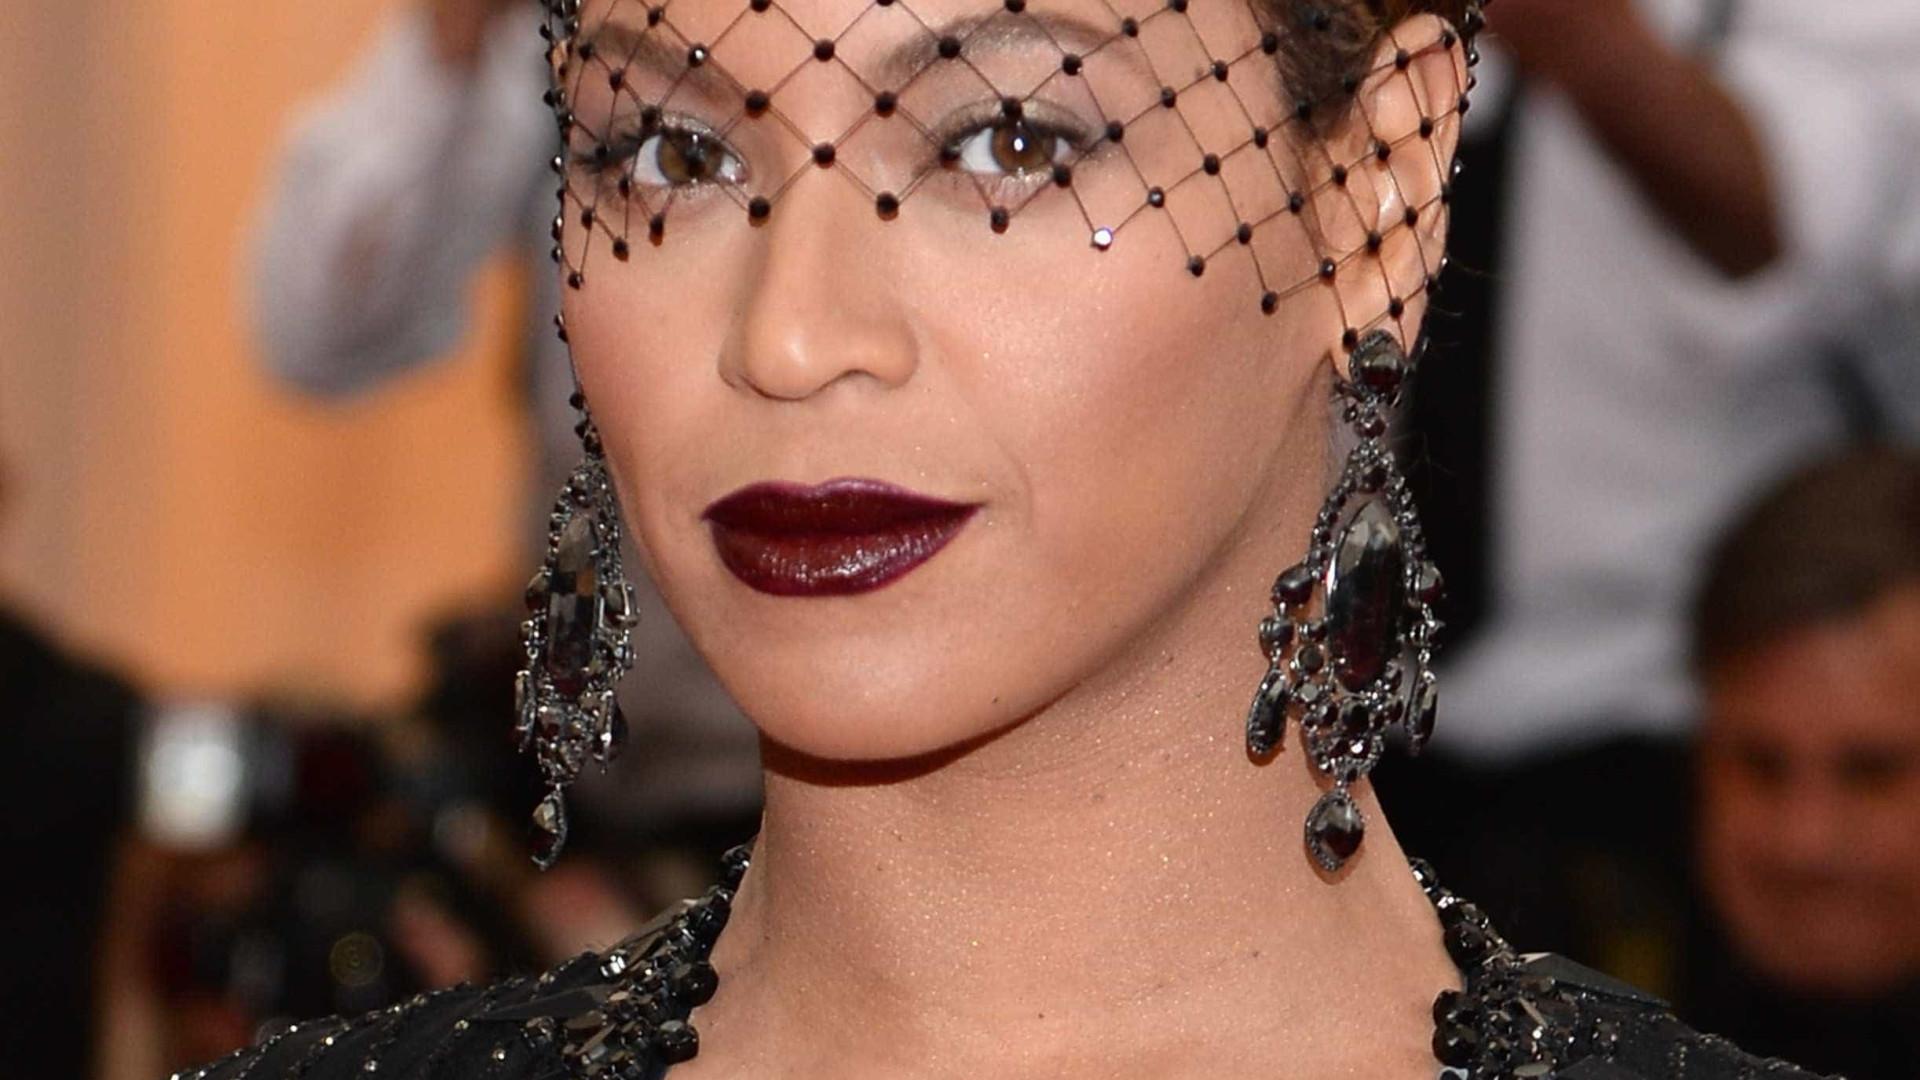 Gémeos de Beyoncé continuam no hospital devido a problemas de saúde